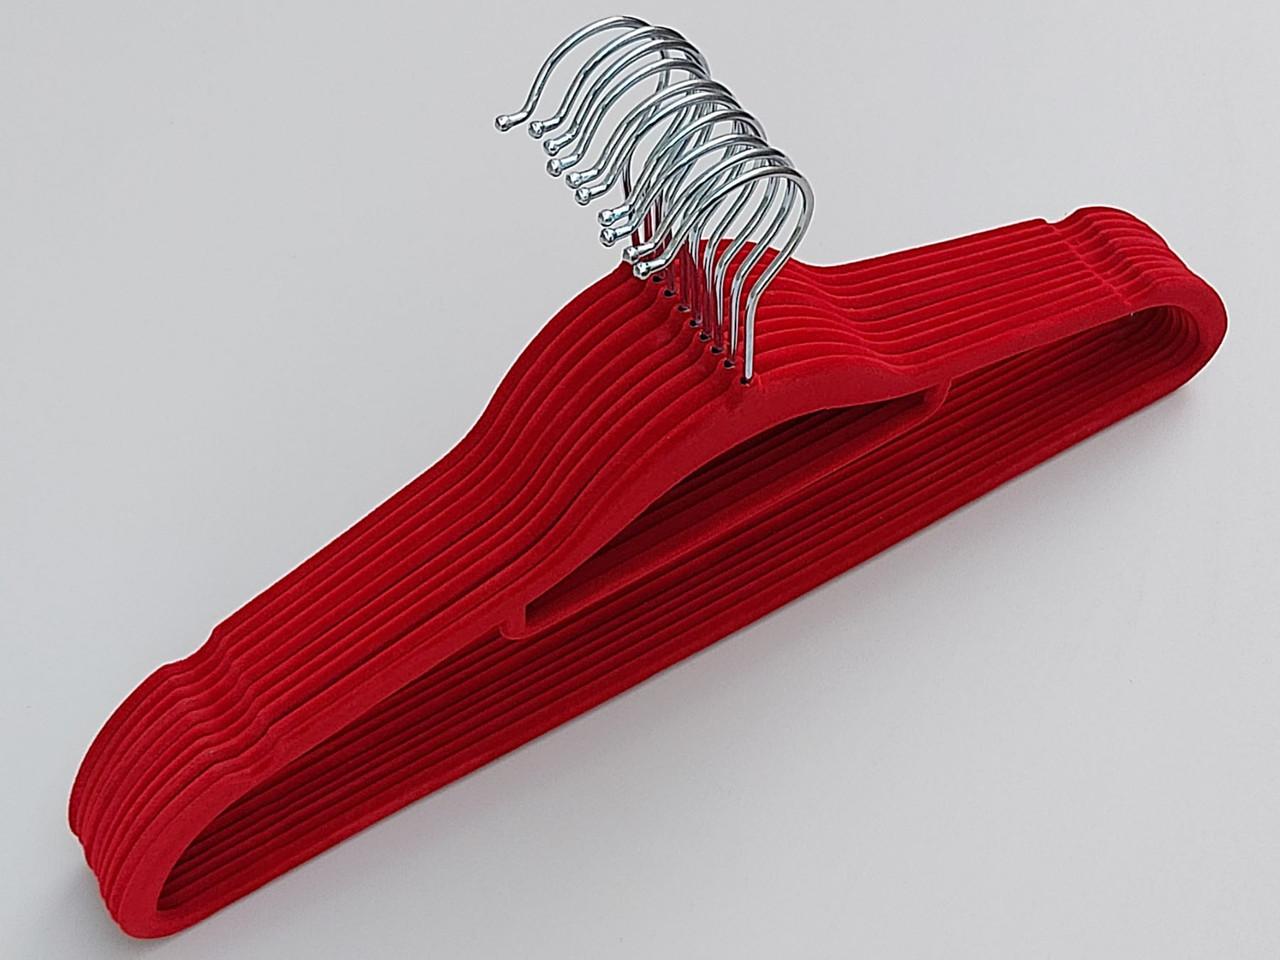 Длина 41,5 см Плечики флокированные (бархатные) красные, 10 штук в упаковке